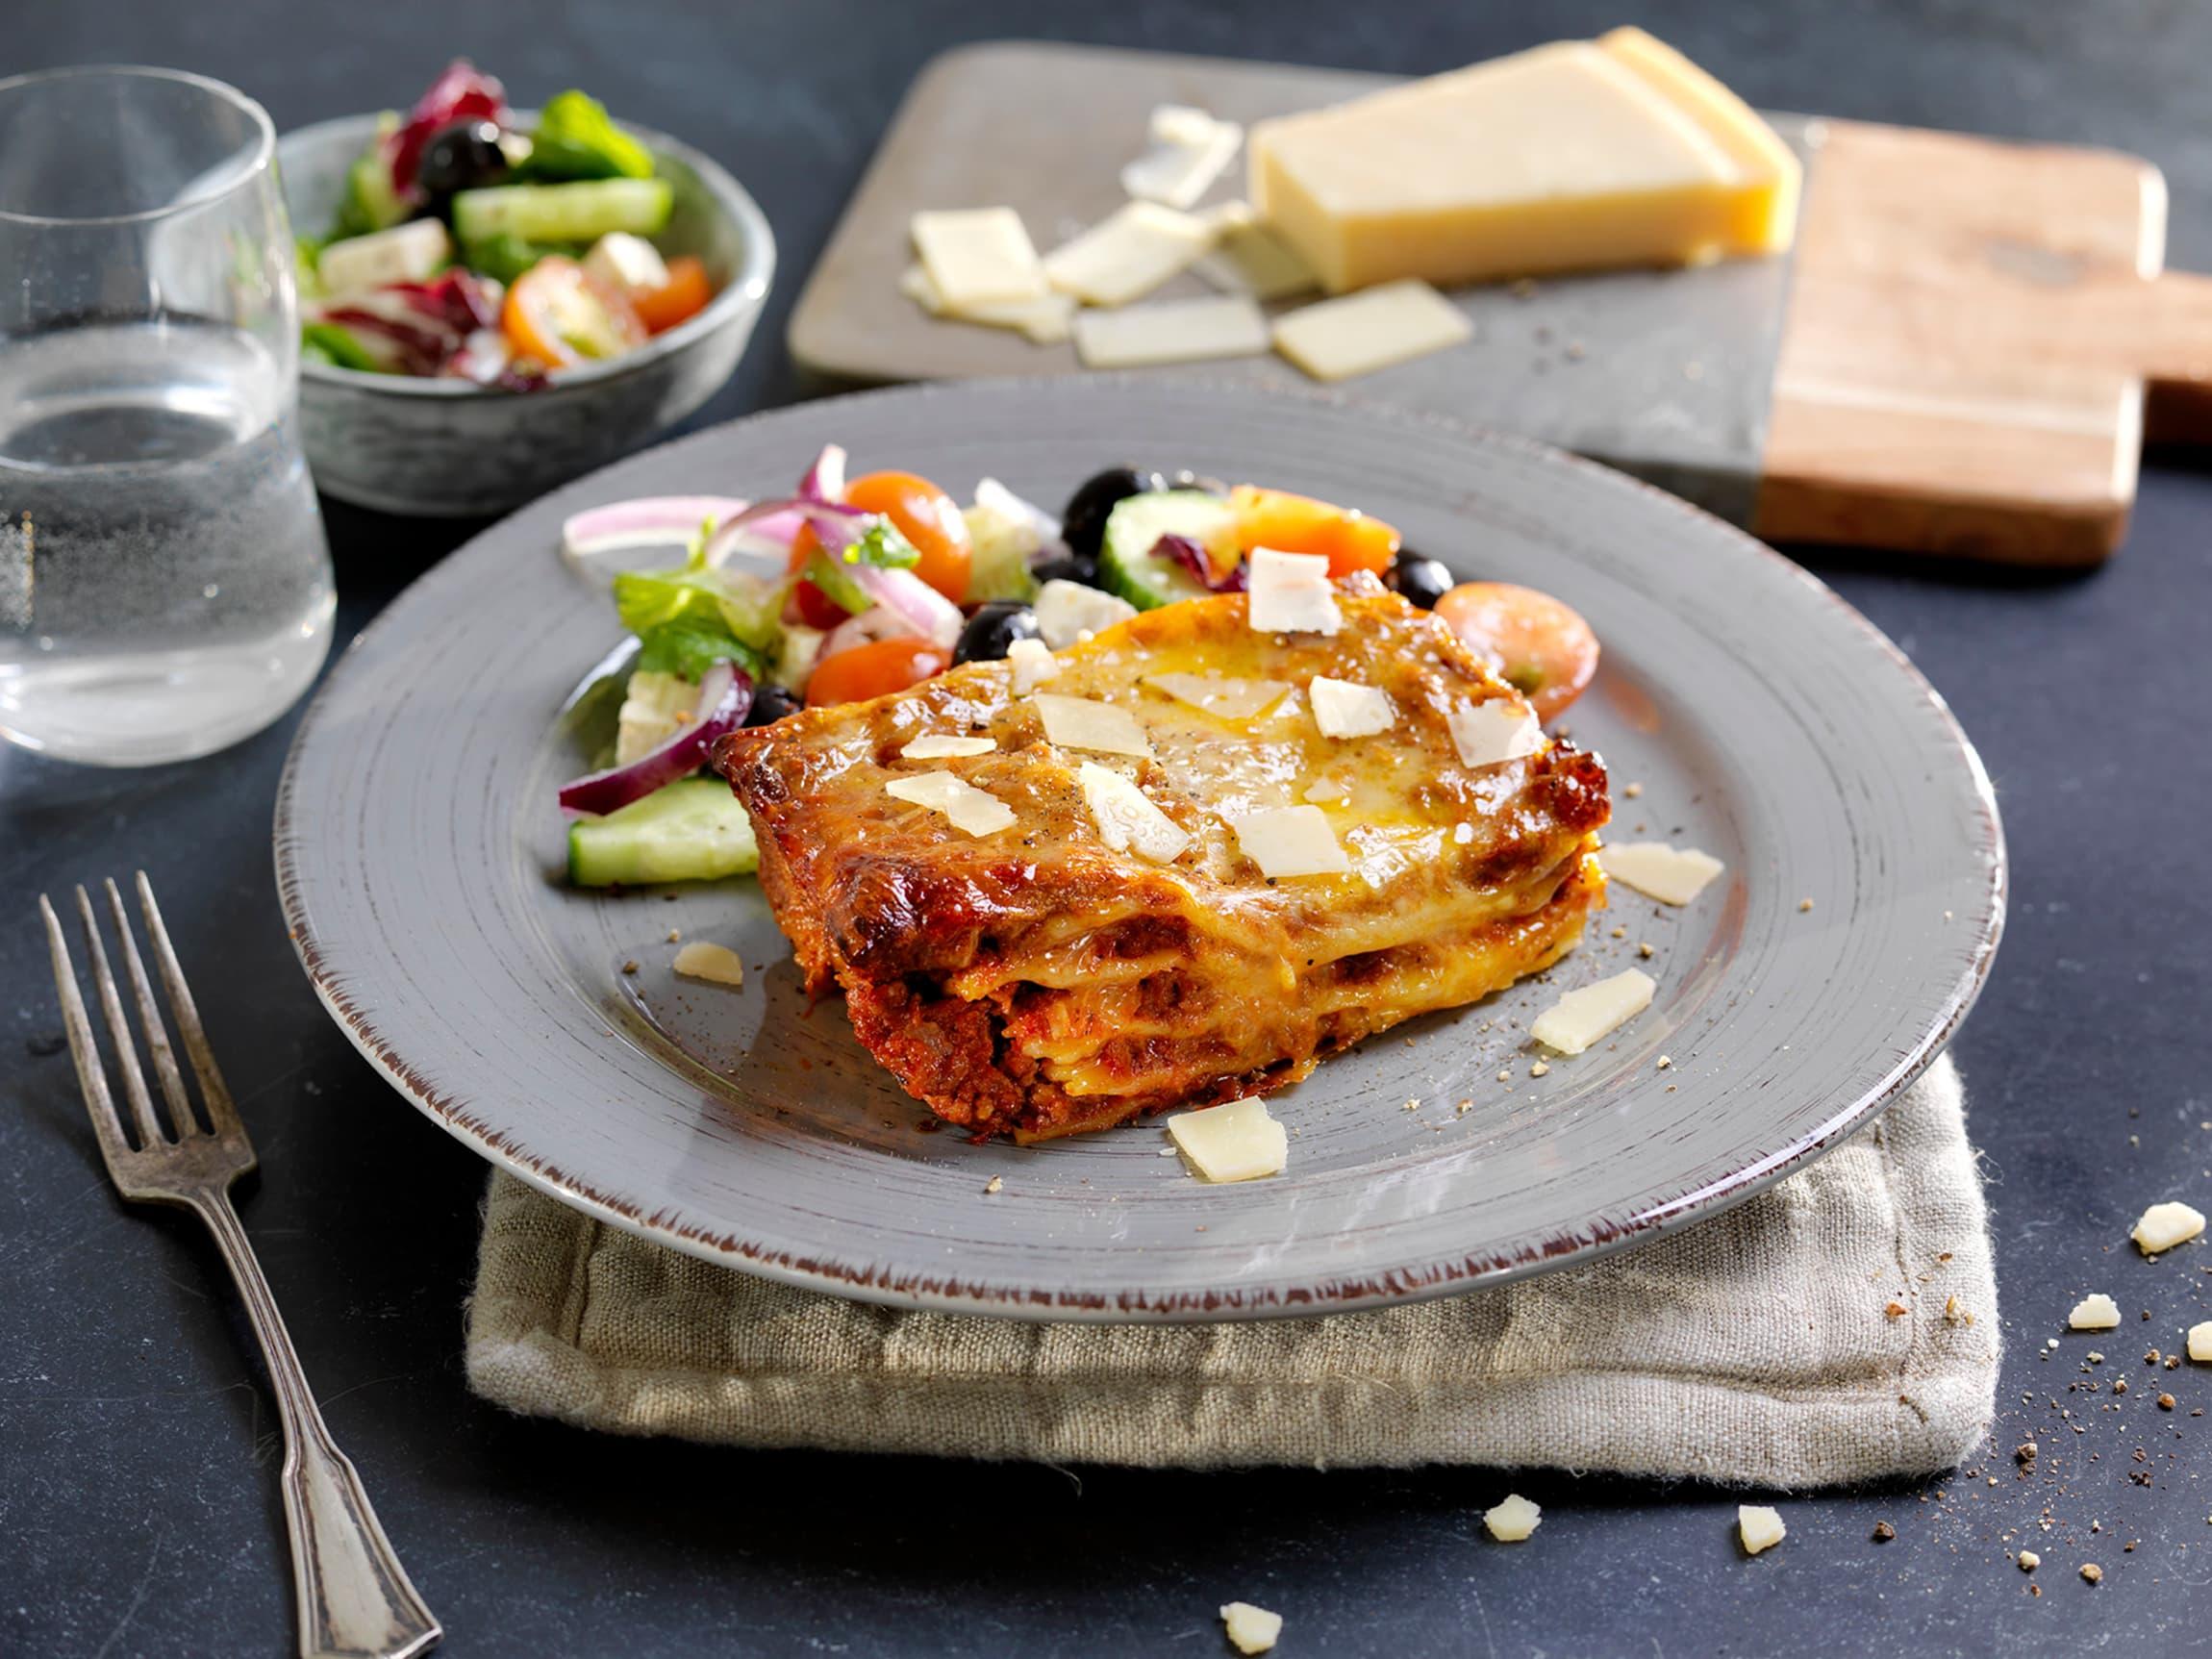 Hva med deilig lasagne til lunsj eller middag? Du finner den ferdig i Takeaway-disken!